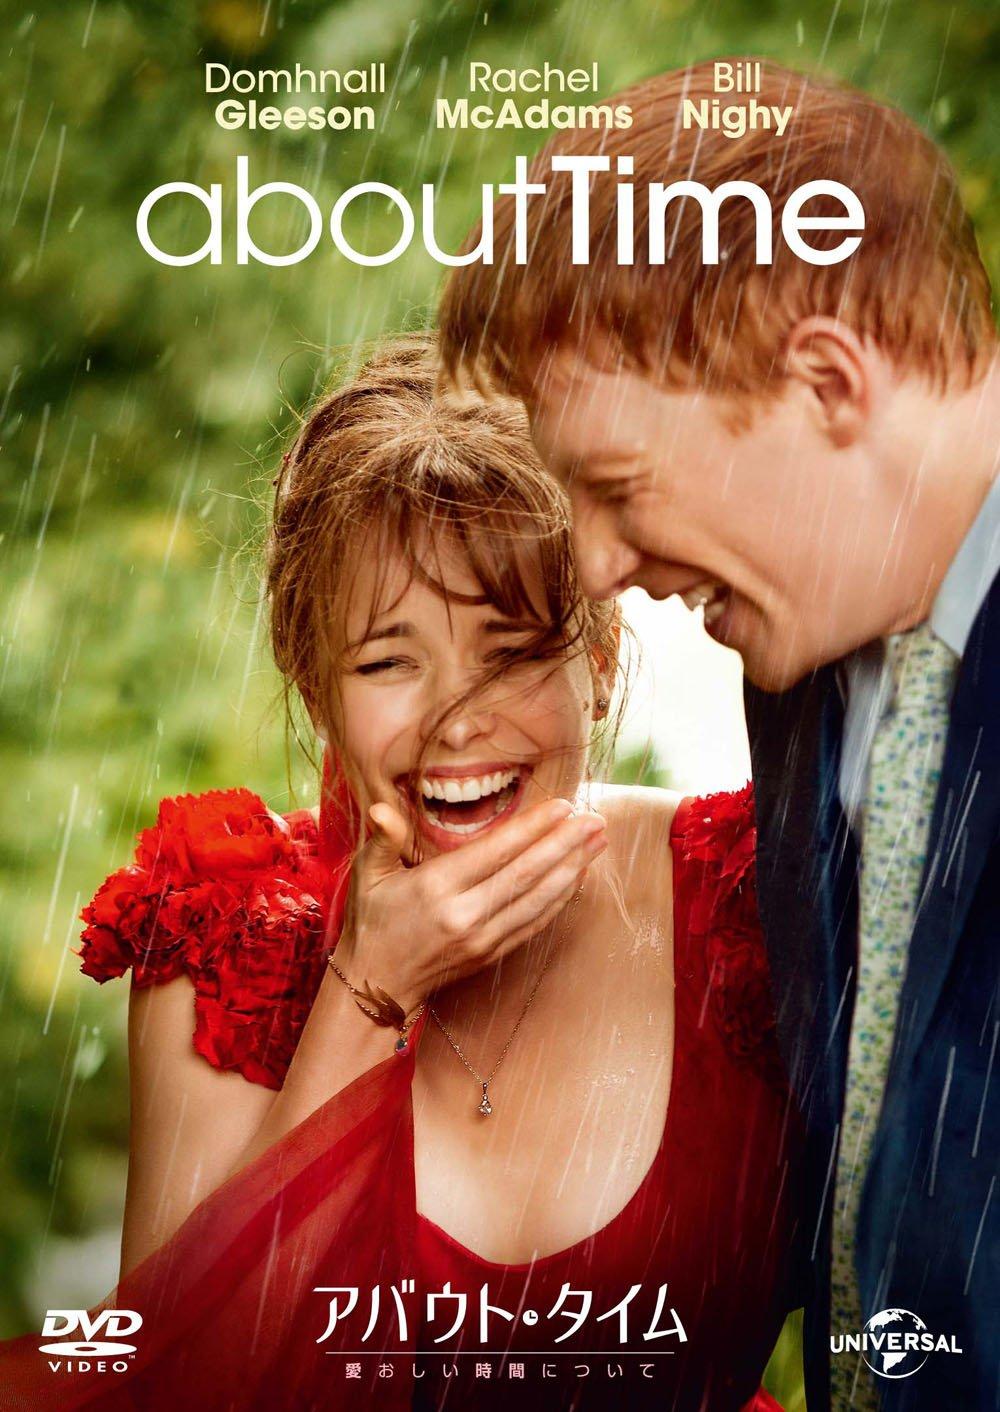 洋画で結婚や結婚式がテーマのおすすめの映画ランキング1位「アバウト・タイム」